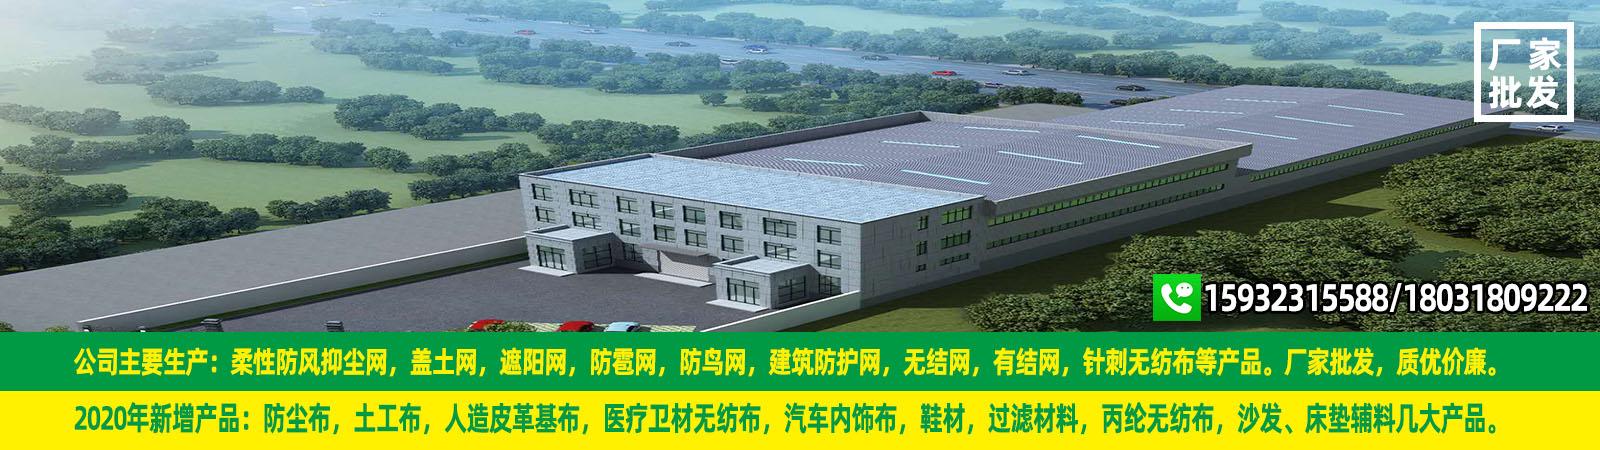 安平县正保丝网制品有限公司